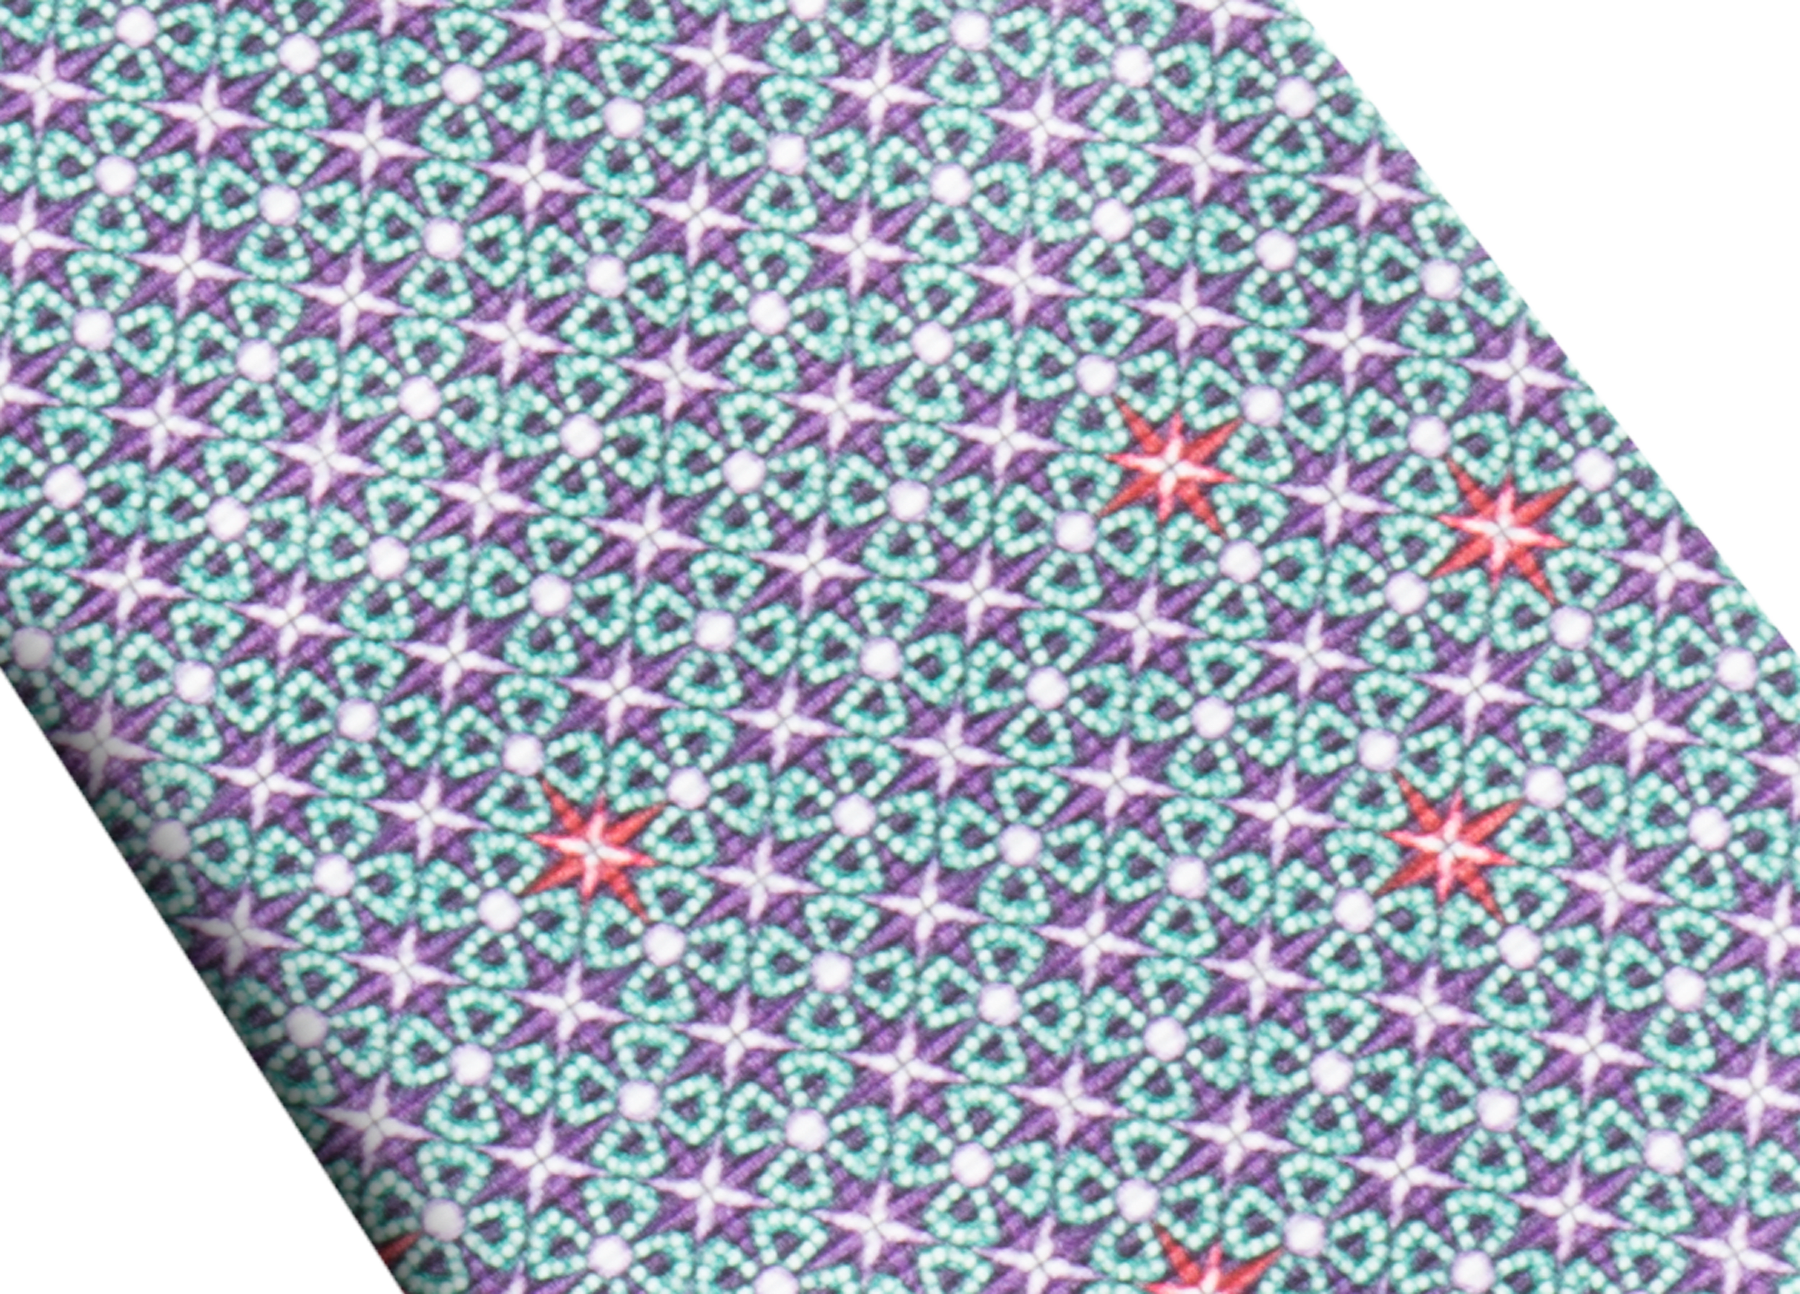 Cravate sept plis Fiorever Marino violette en fine serge de soie imprimée. 243652 image 2